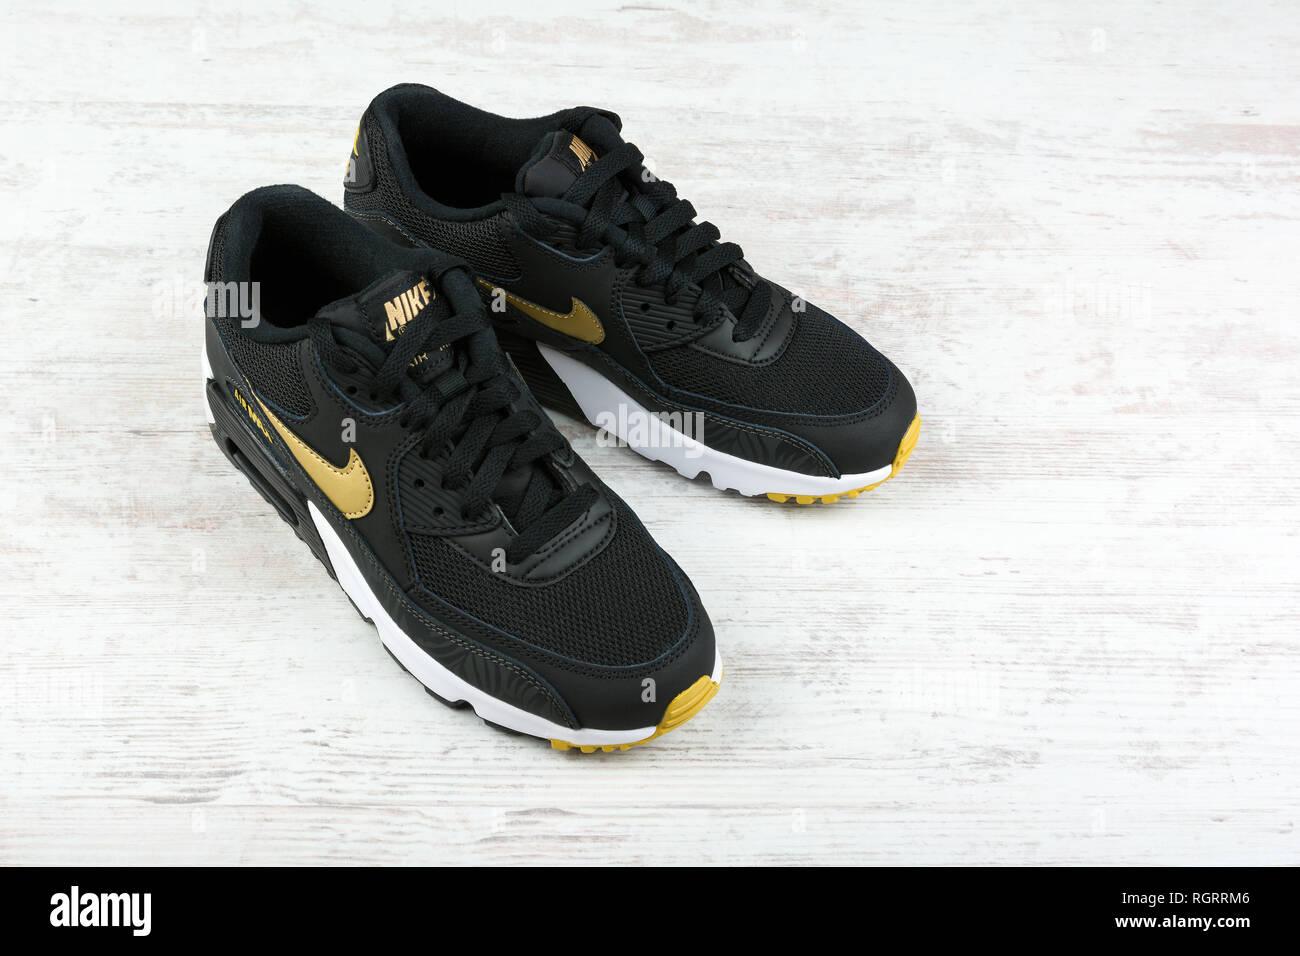 sports shoes 38f71 4b537 Dezember 2016 Nike Air max Frauen Schuhe - Sneakers in Schwarz, Weiß,  Holz- Hintergrund. Nike ist eine globale Sport Kleidung und